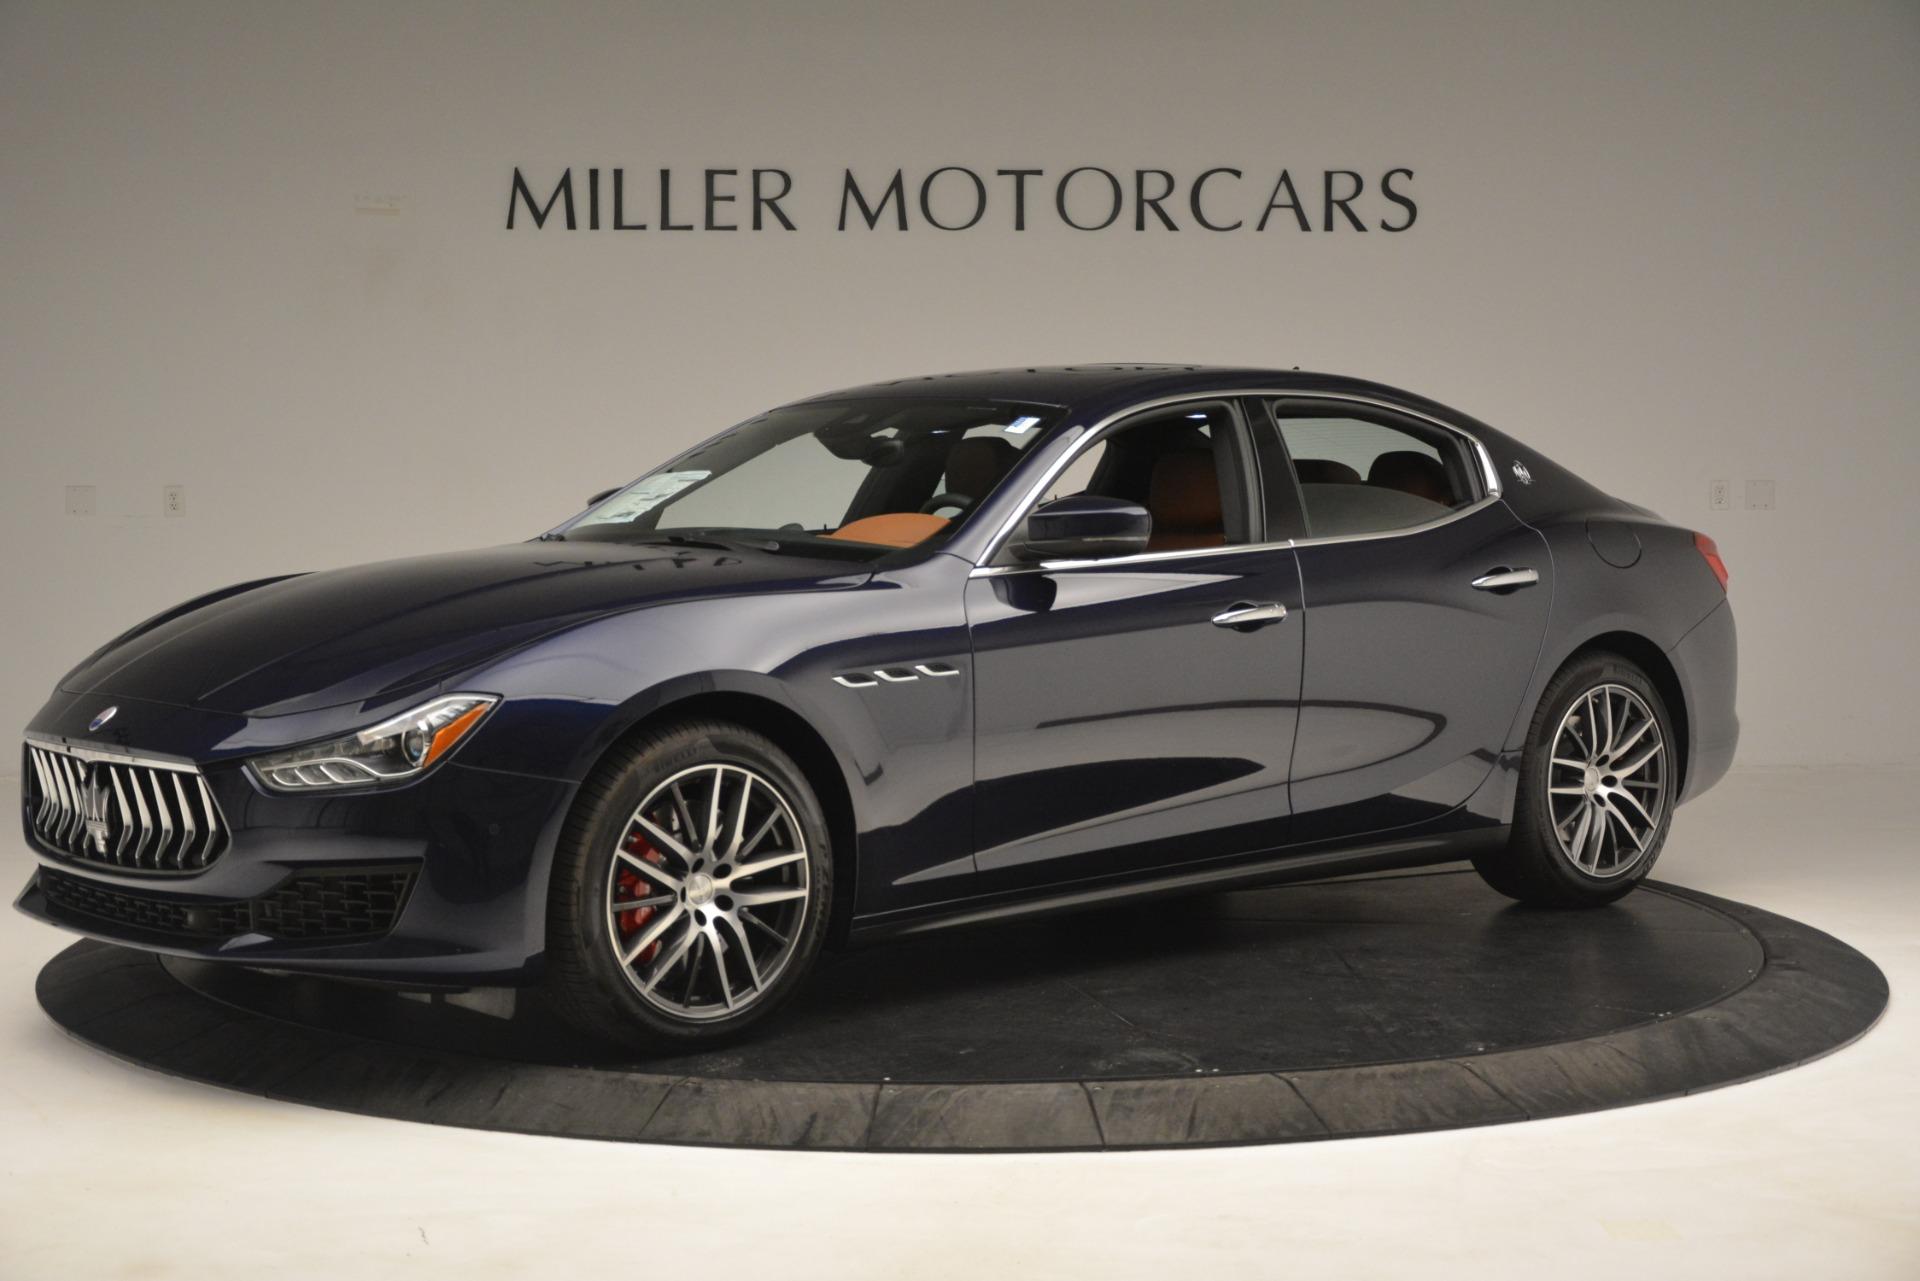 New 2019 Maserati Ghibli S Q4 For Sale In Greenwich, CT. Alfa Romeo of Greenwich, M2290 3106_p2